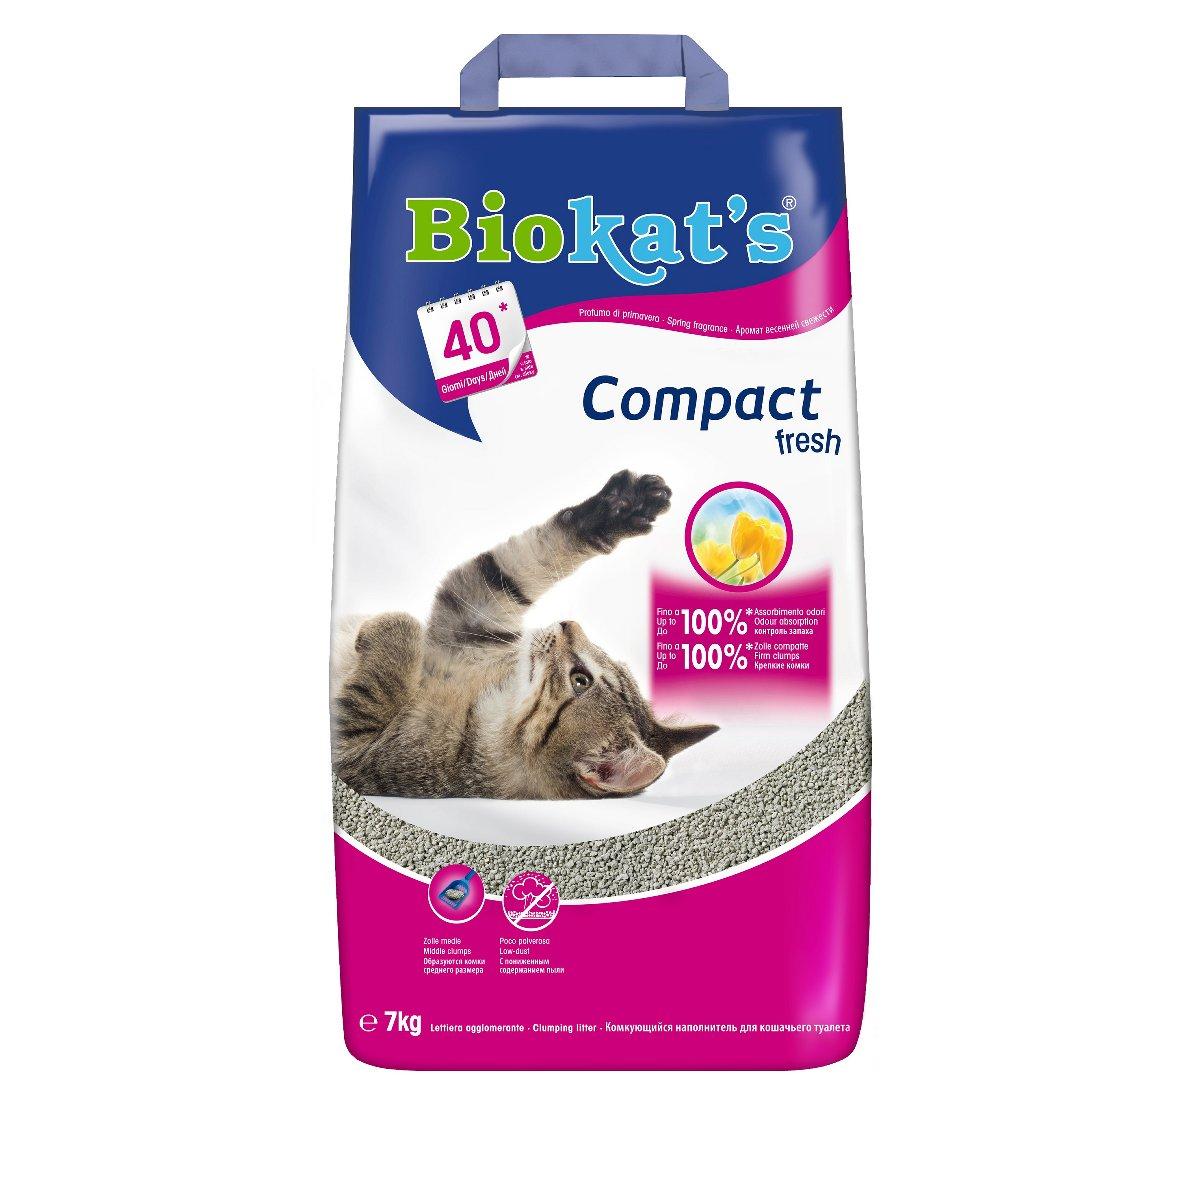 Biokat 39 s compact fresh lettiera agglomerante gatti for Migliore lettiera per gatti